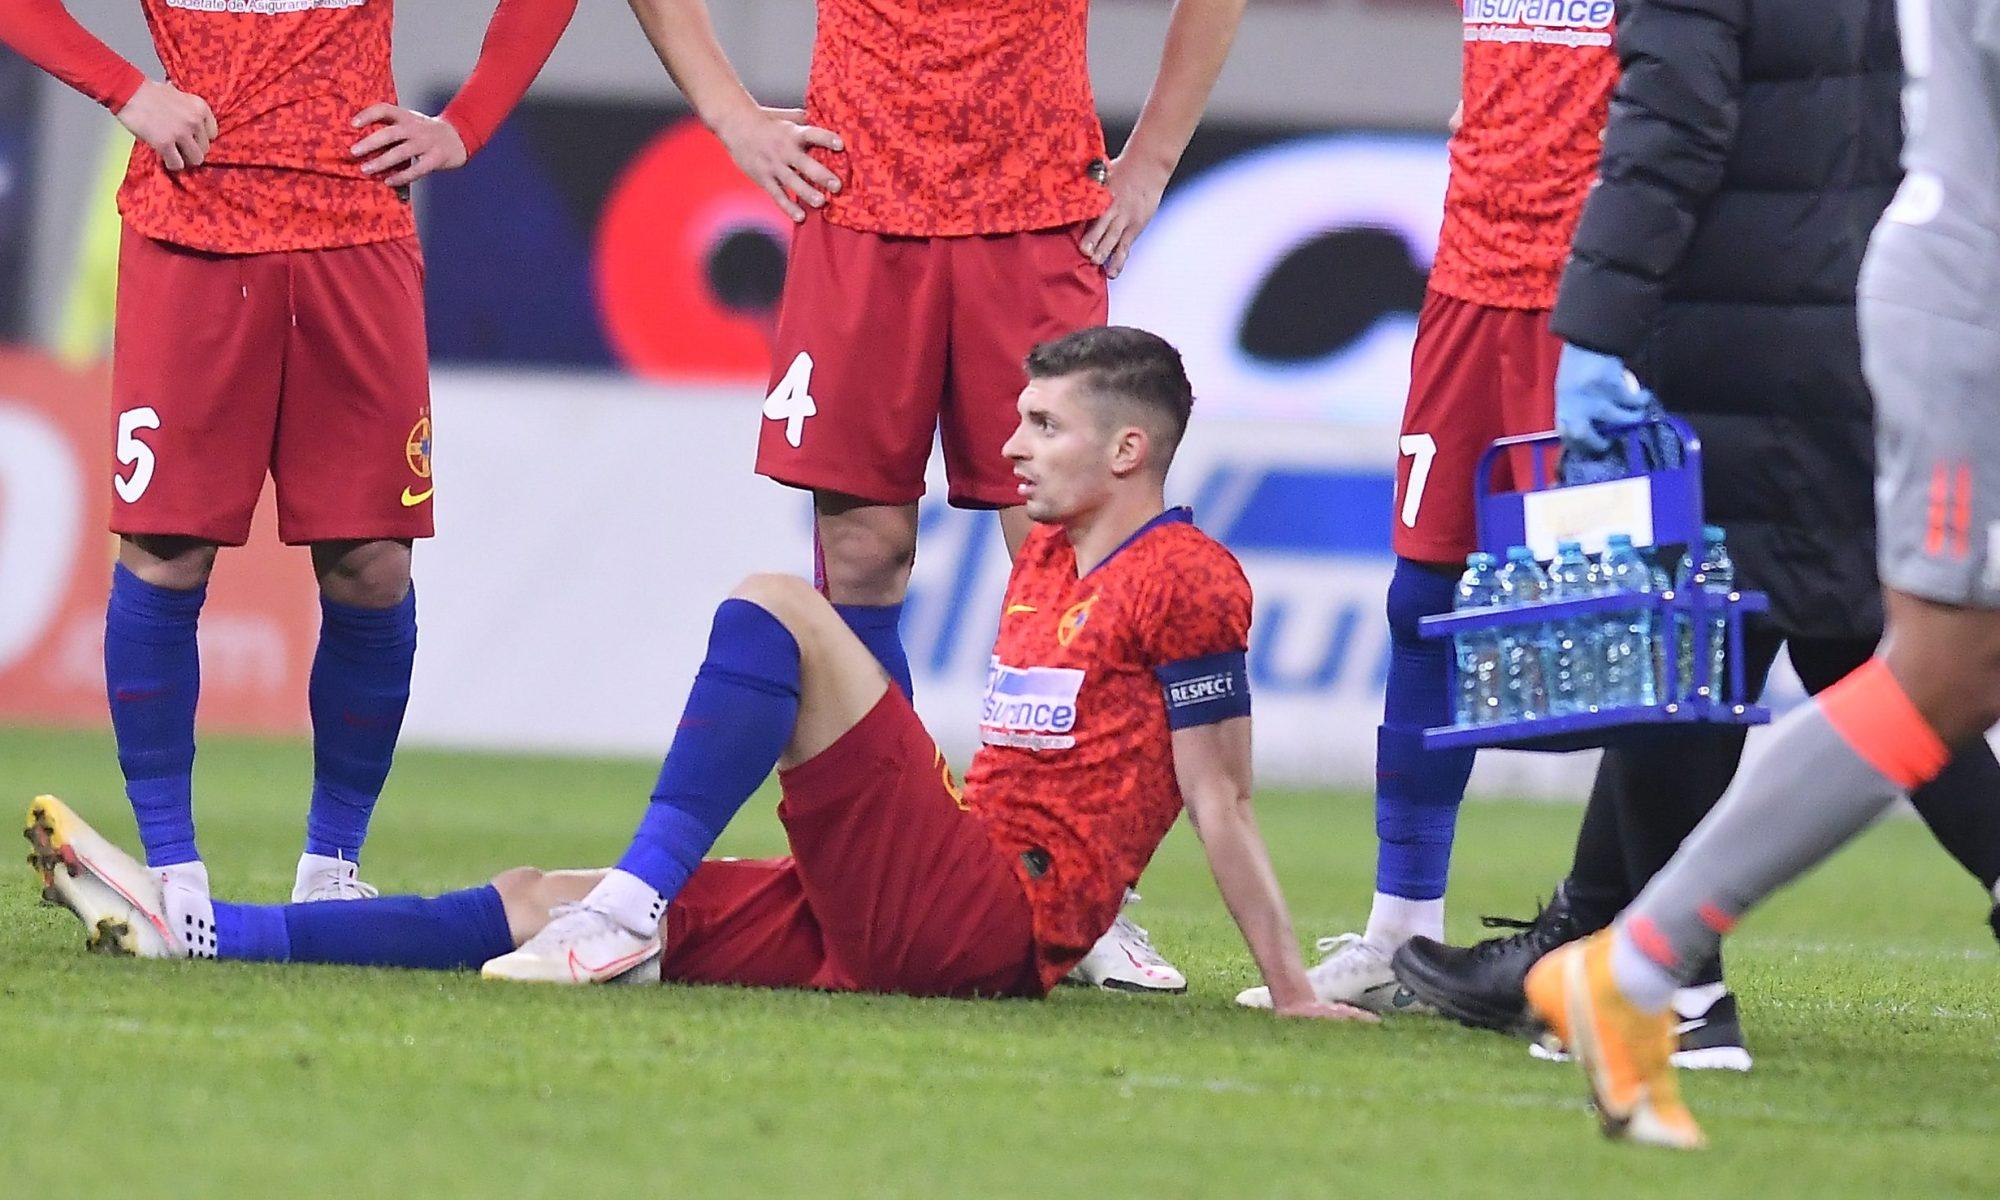 Toni Petrea a vorbit despre accidentarea lui Tănase. Sursă foto: sportpictures.eu